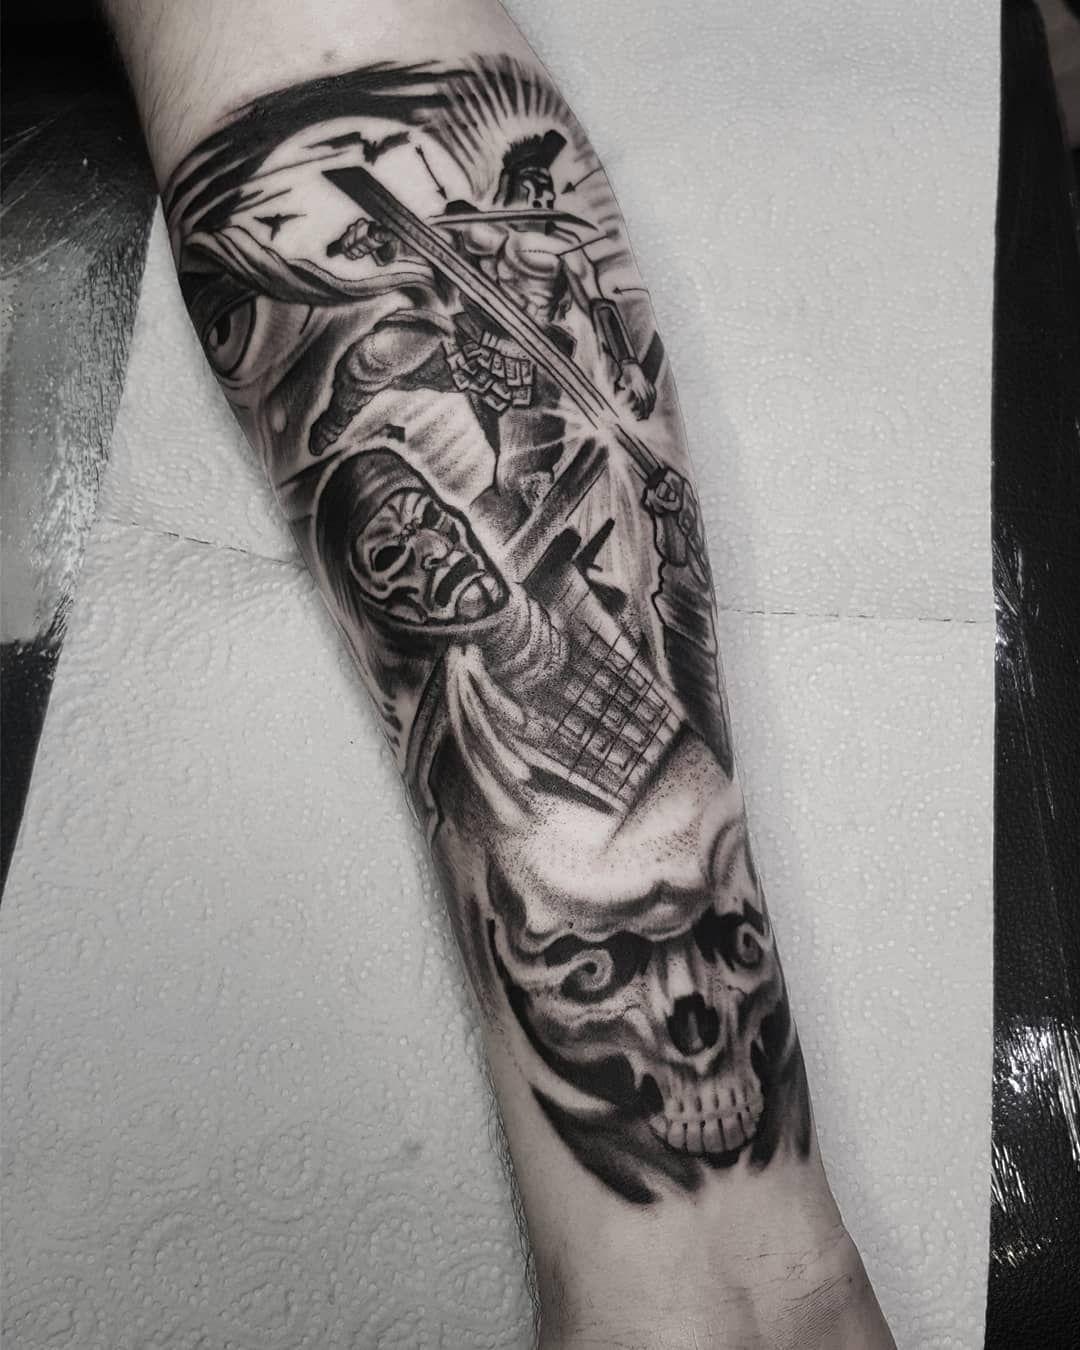 Immortals 300 From Friday Tattoo Tattoos Tattooart Tattooartist Tatuage Ink Inked Dublintattooartist Ezcartridge Tattoos Art Tattoo Tattoo Artists